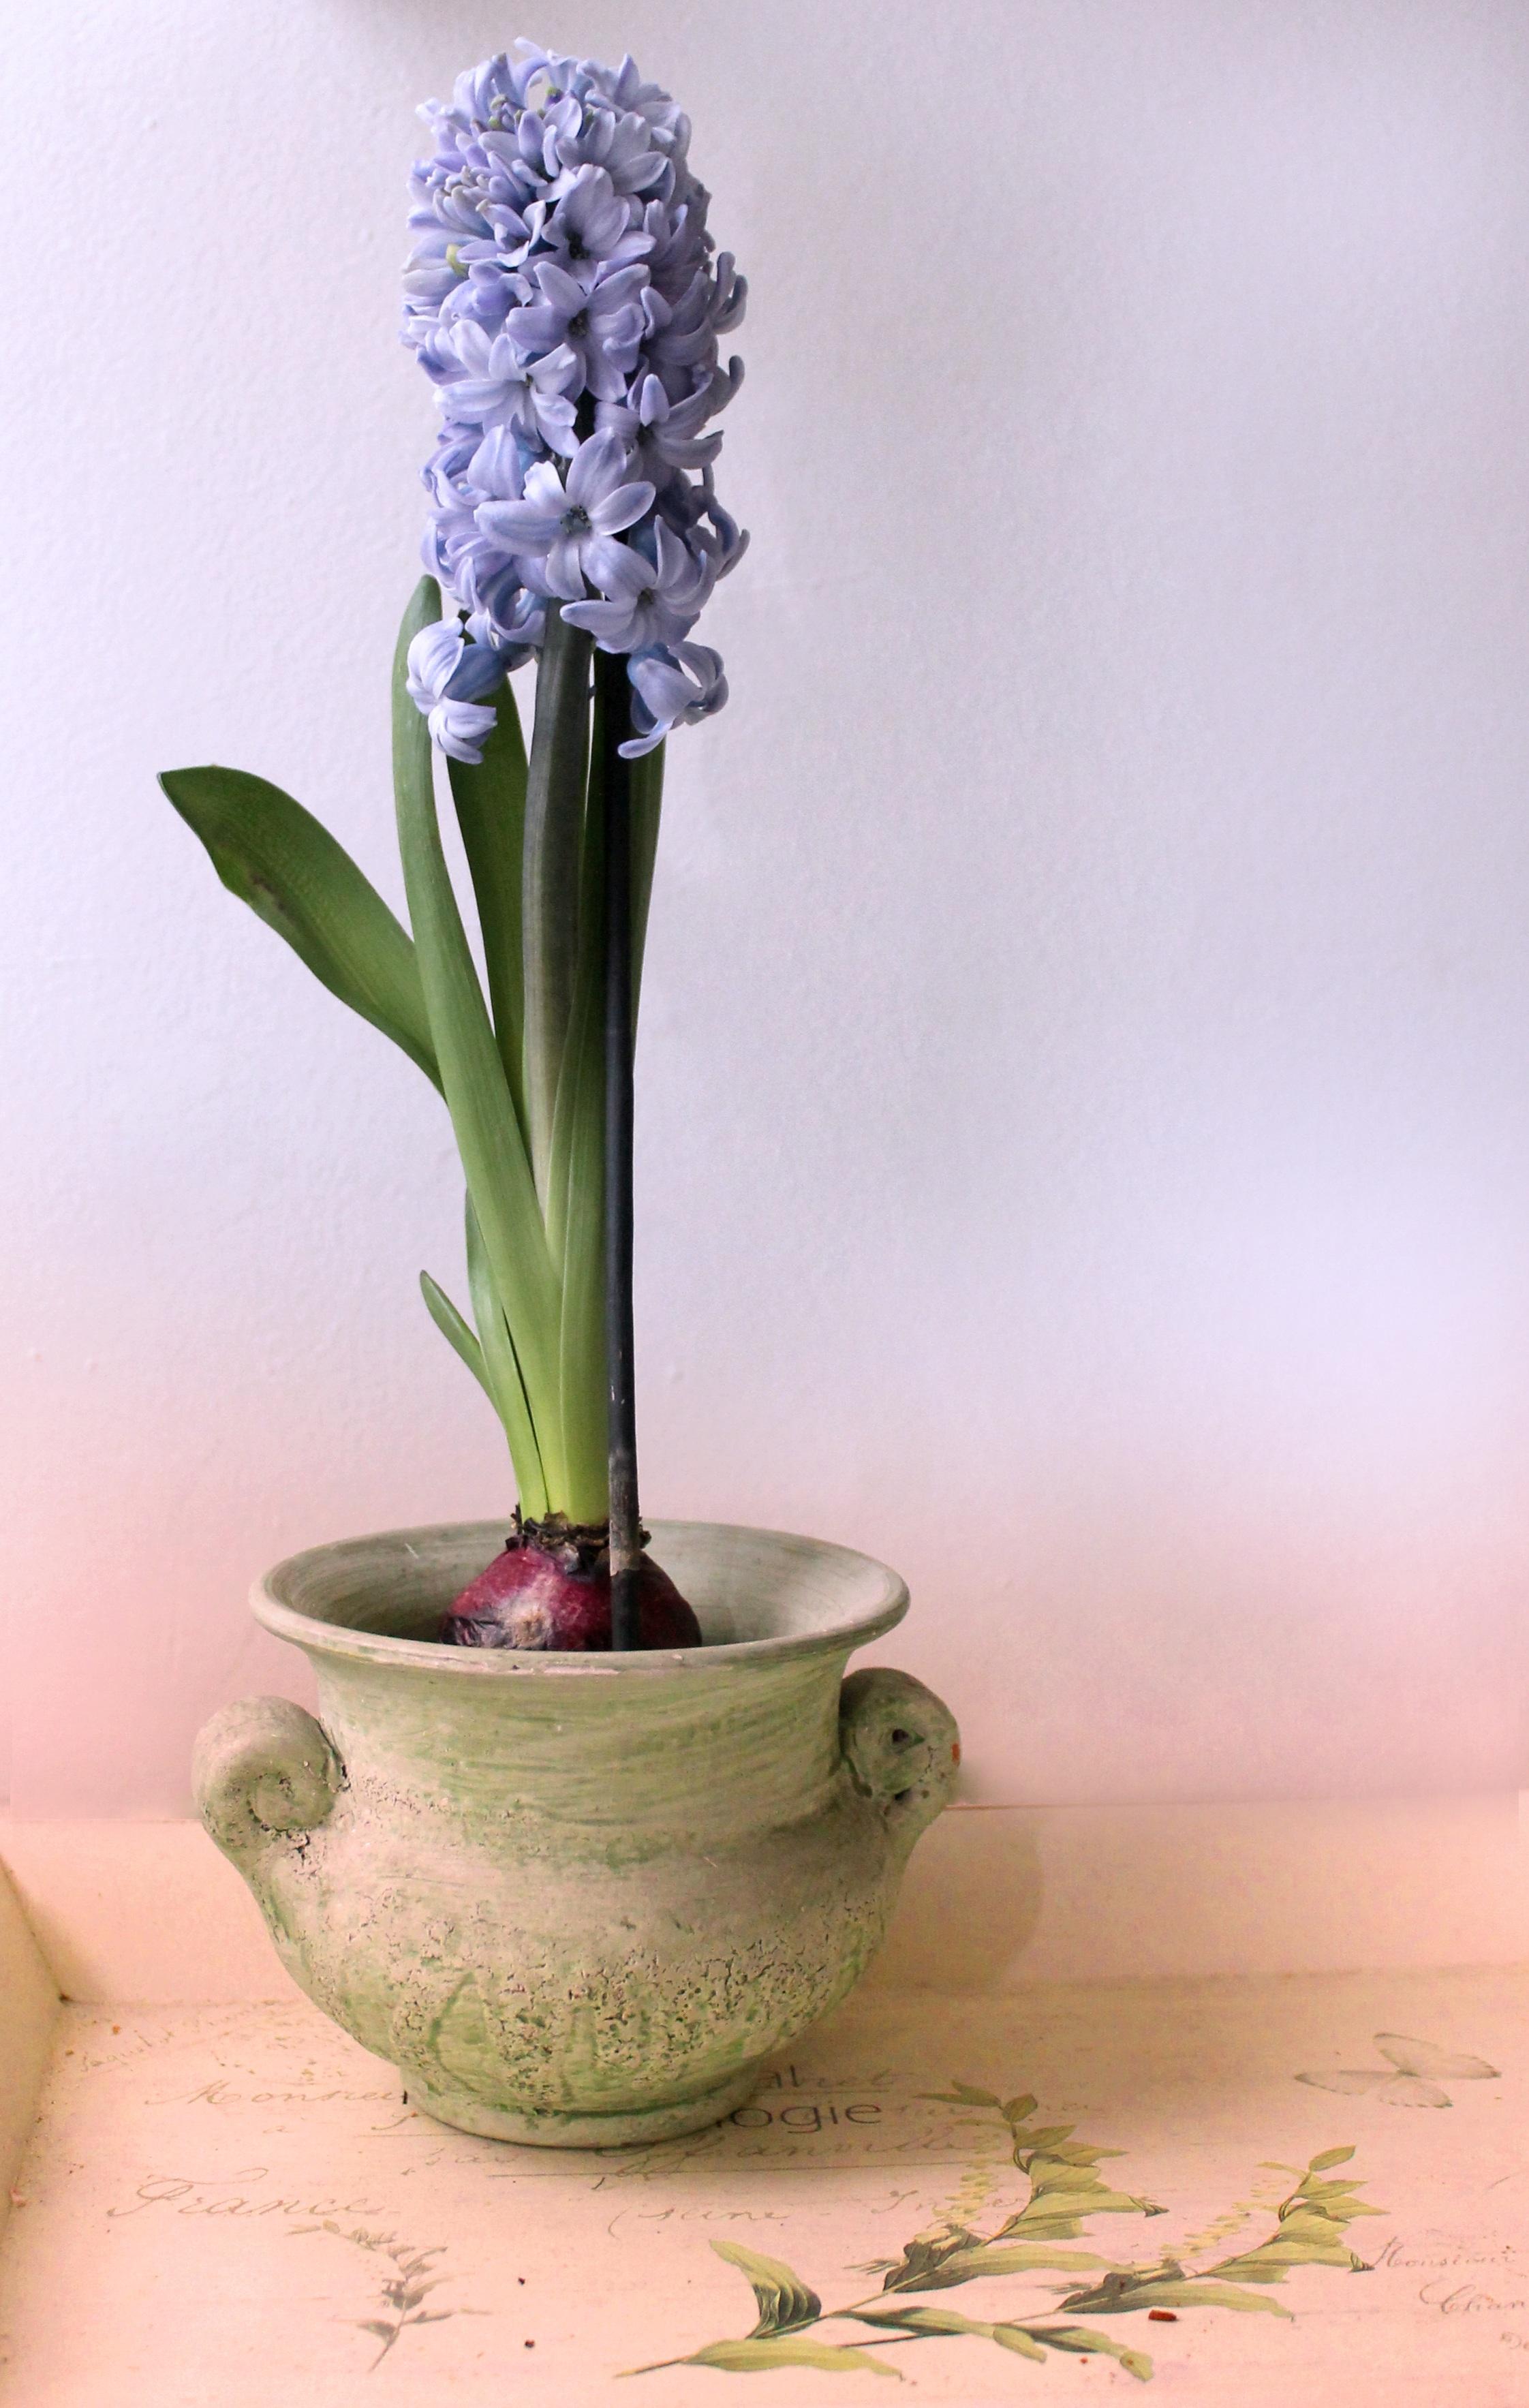 Gambar Menanam Ungu Vas Tenang Flora Masih Hidup Warna Pot Bunga Batu Suasana Hati Budidaya